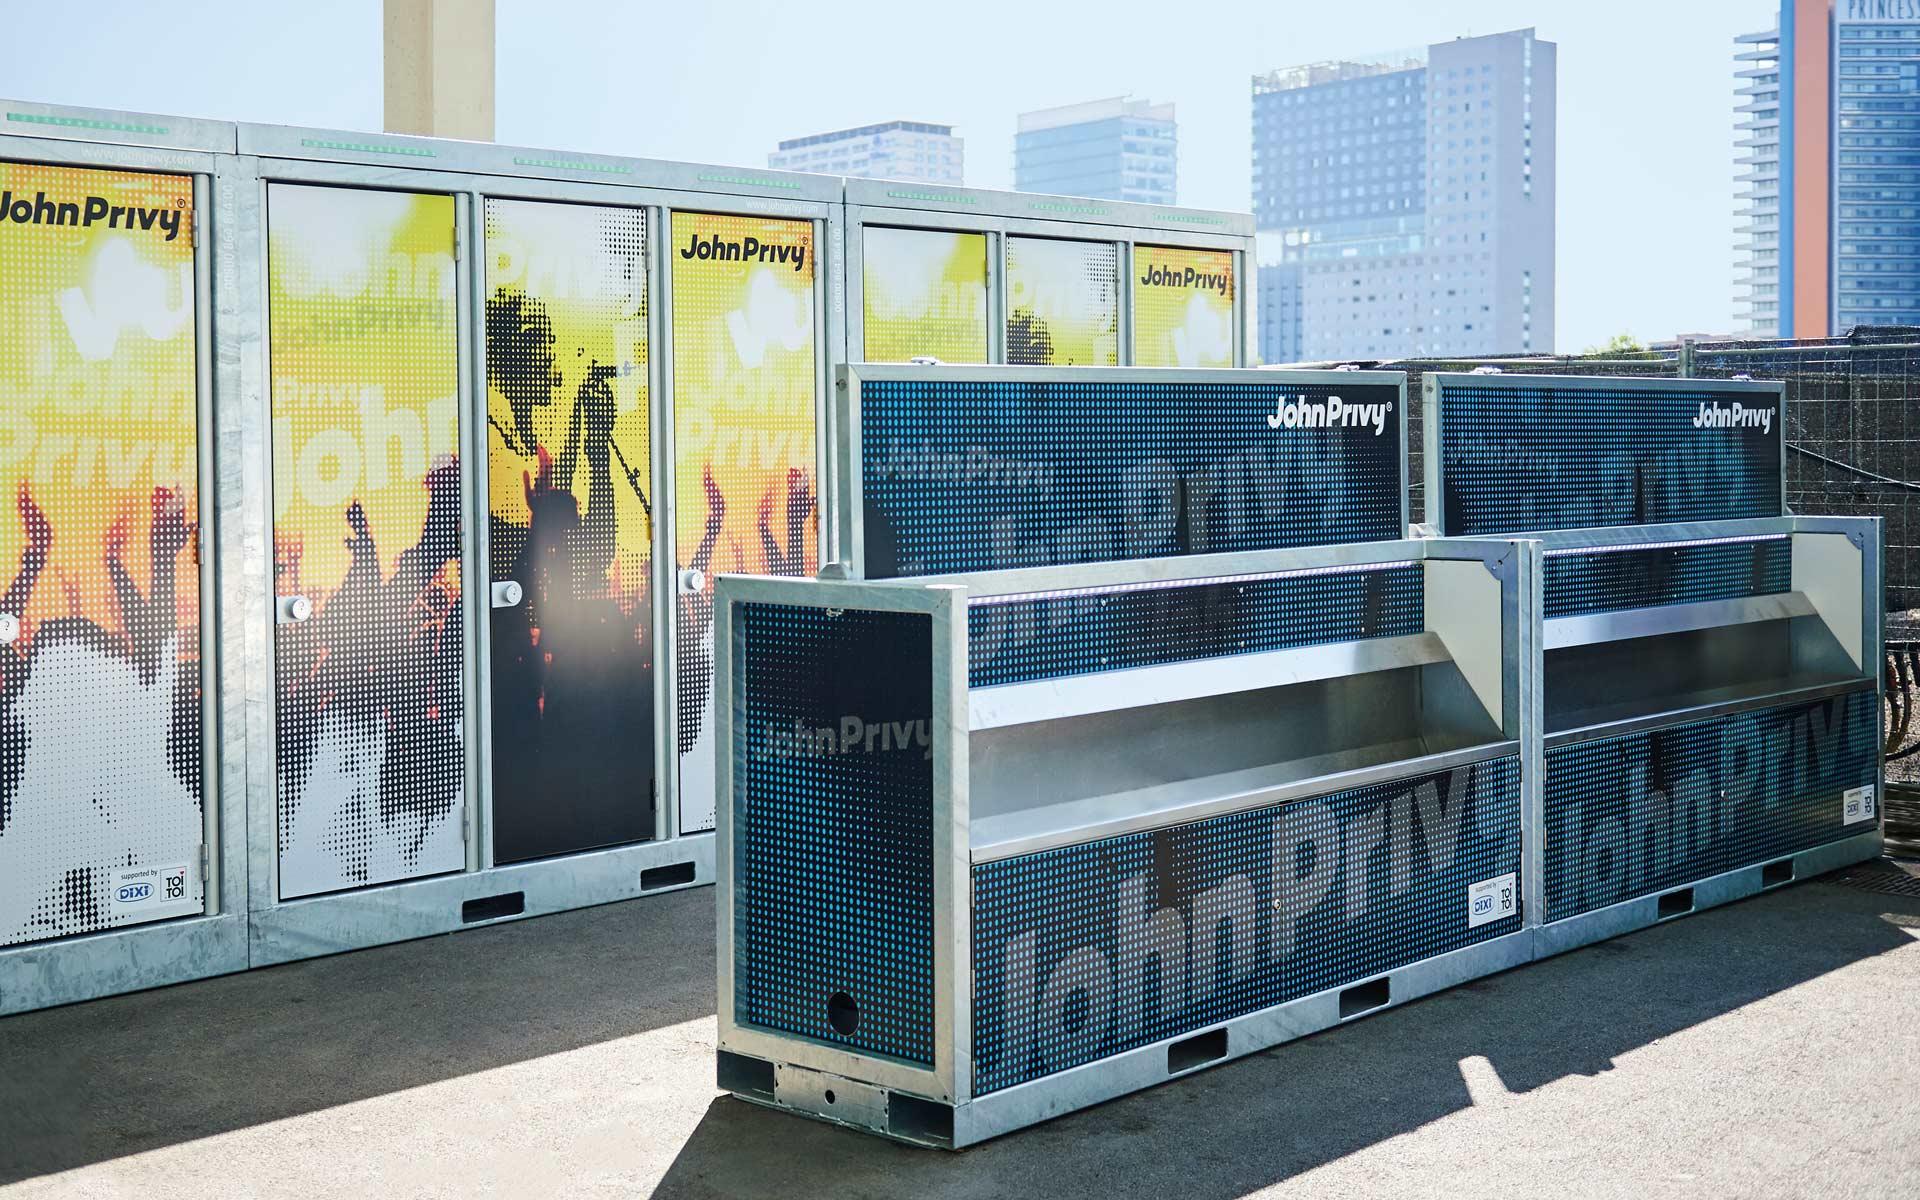 John Privy® Brand Identity, Einsatz auf dem Festival, Branding der Wash-und WC-Unit